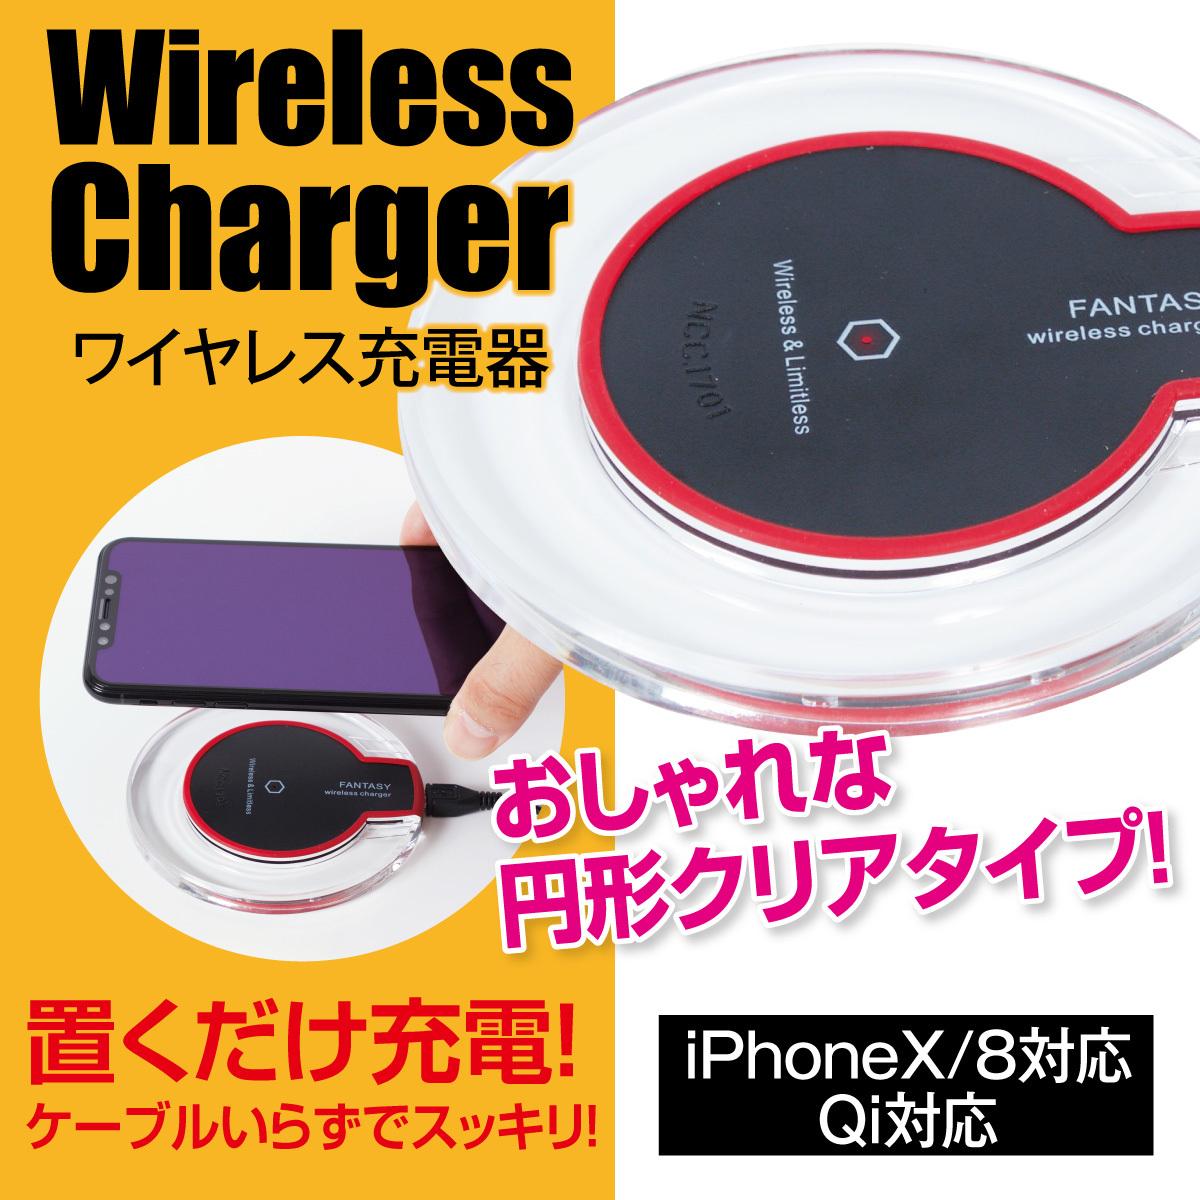 ワイヤレス充 ワイヤレス充 プレートタイプiPhone8 iPhone8 Plus iPh